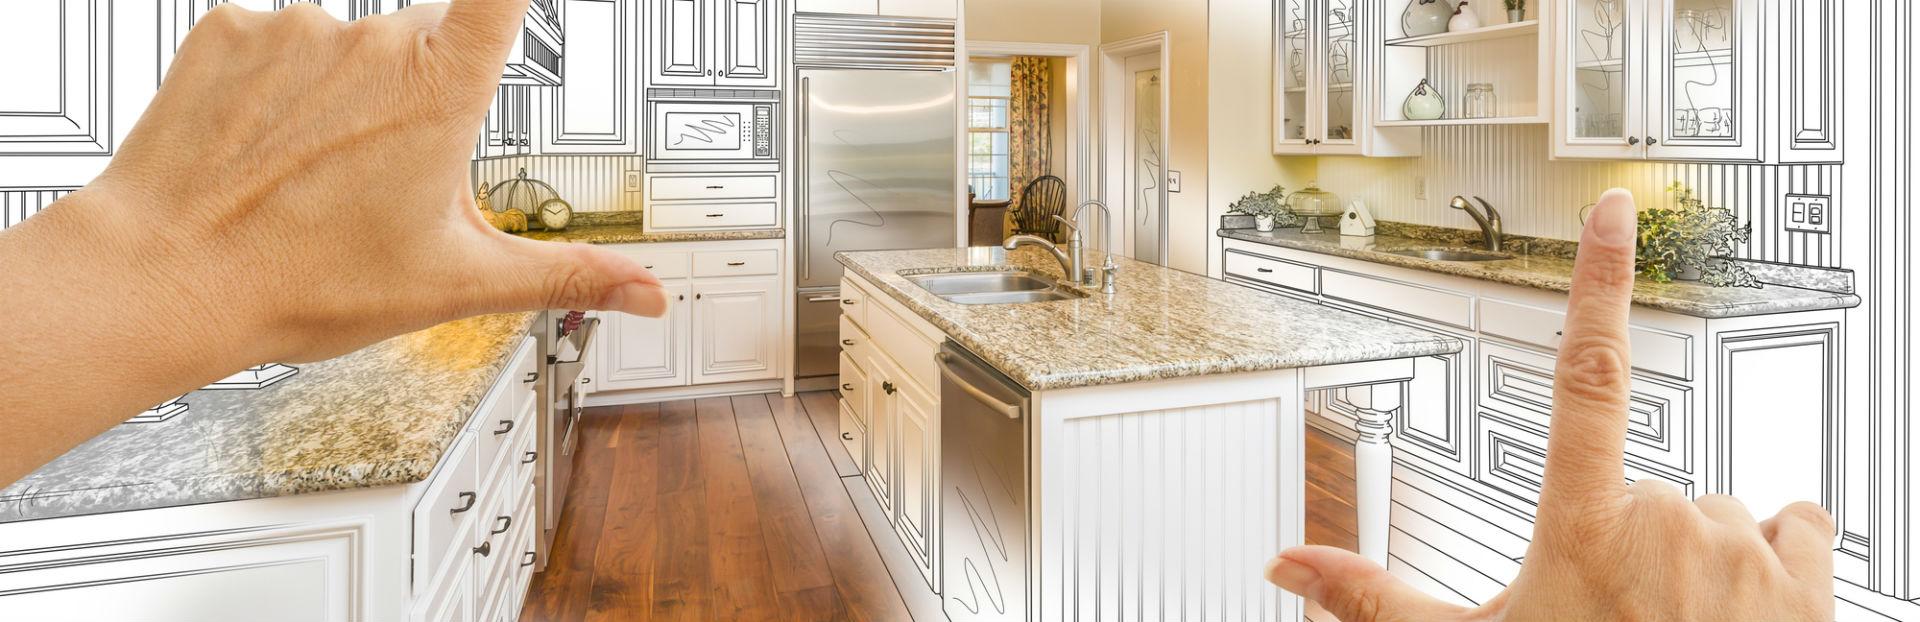 kitchen-design-remodeling